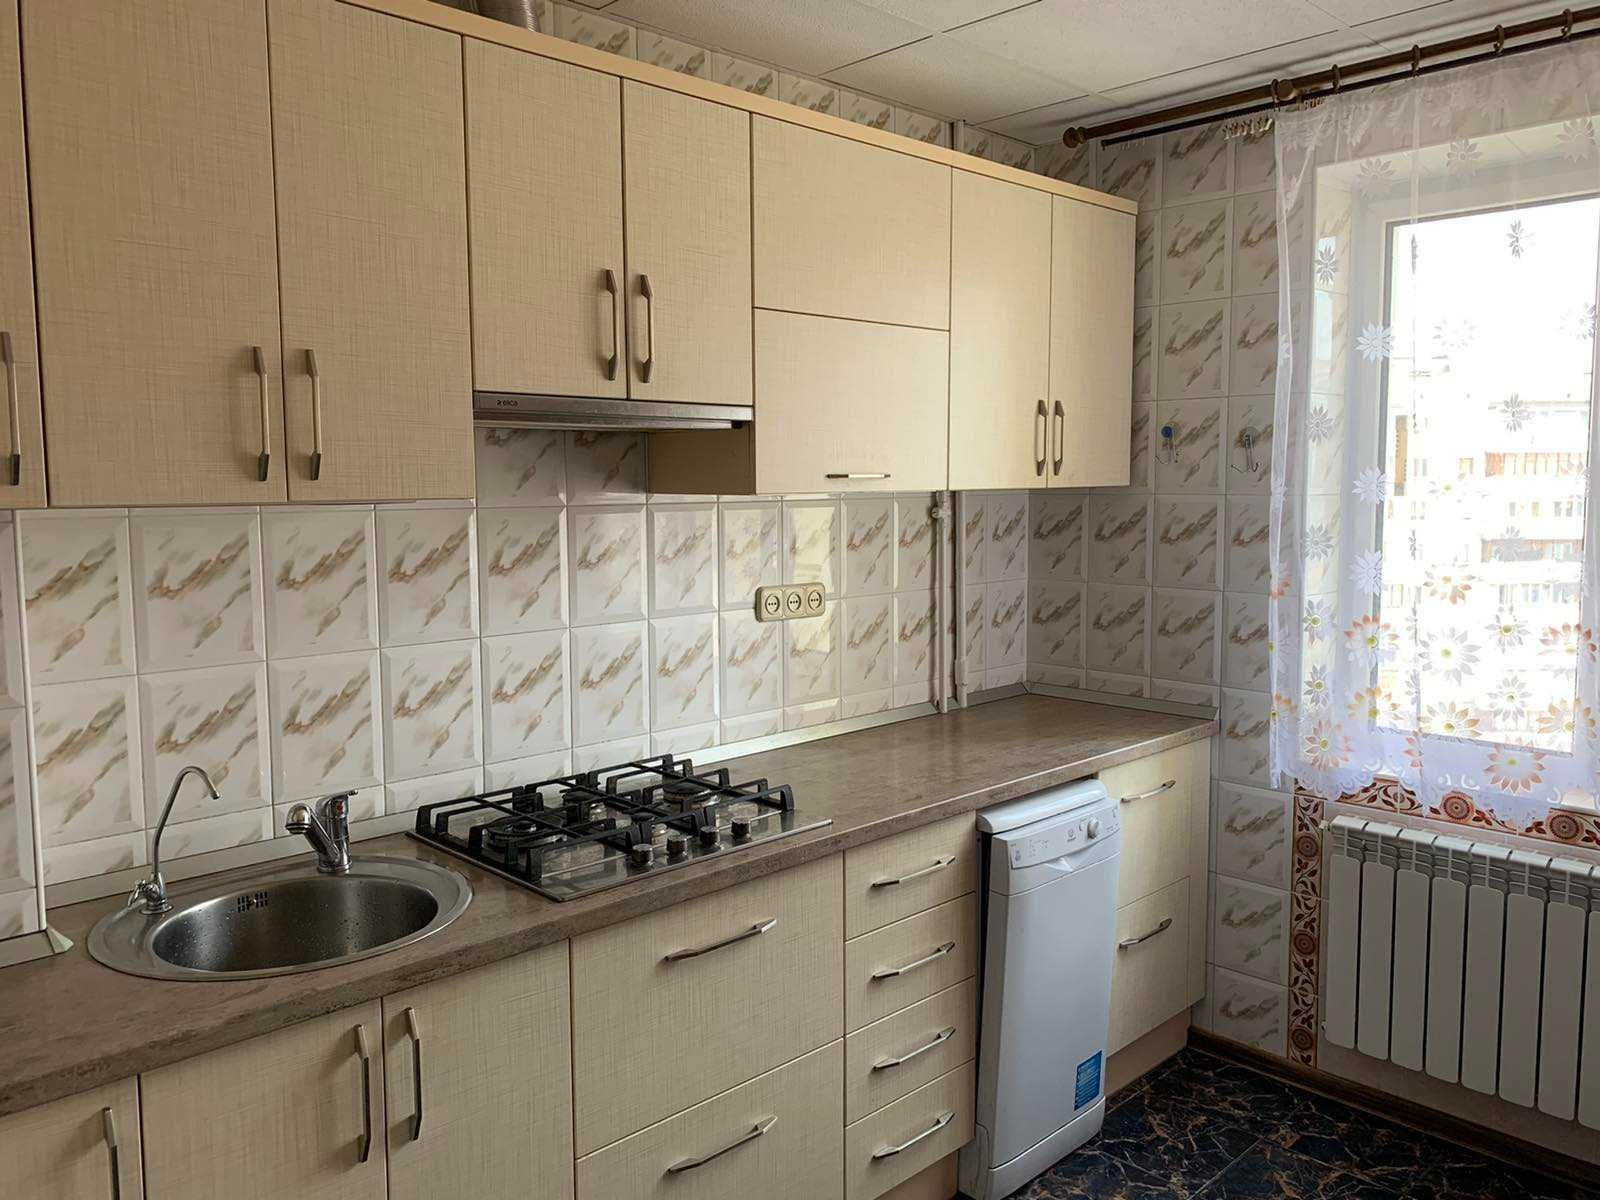 Продам 3-х комнатную квартиру улица Радунская дом 14 массив Троещина